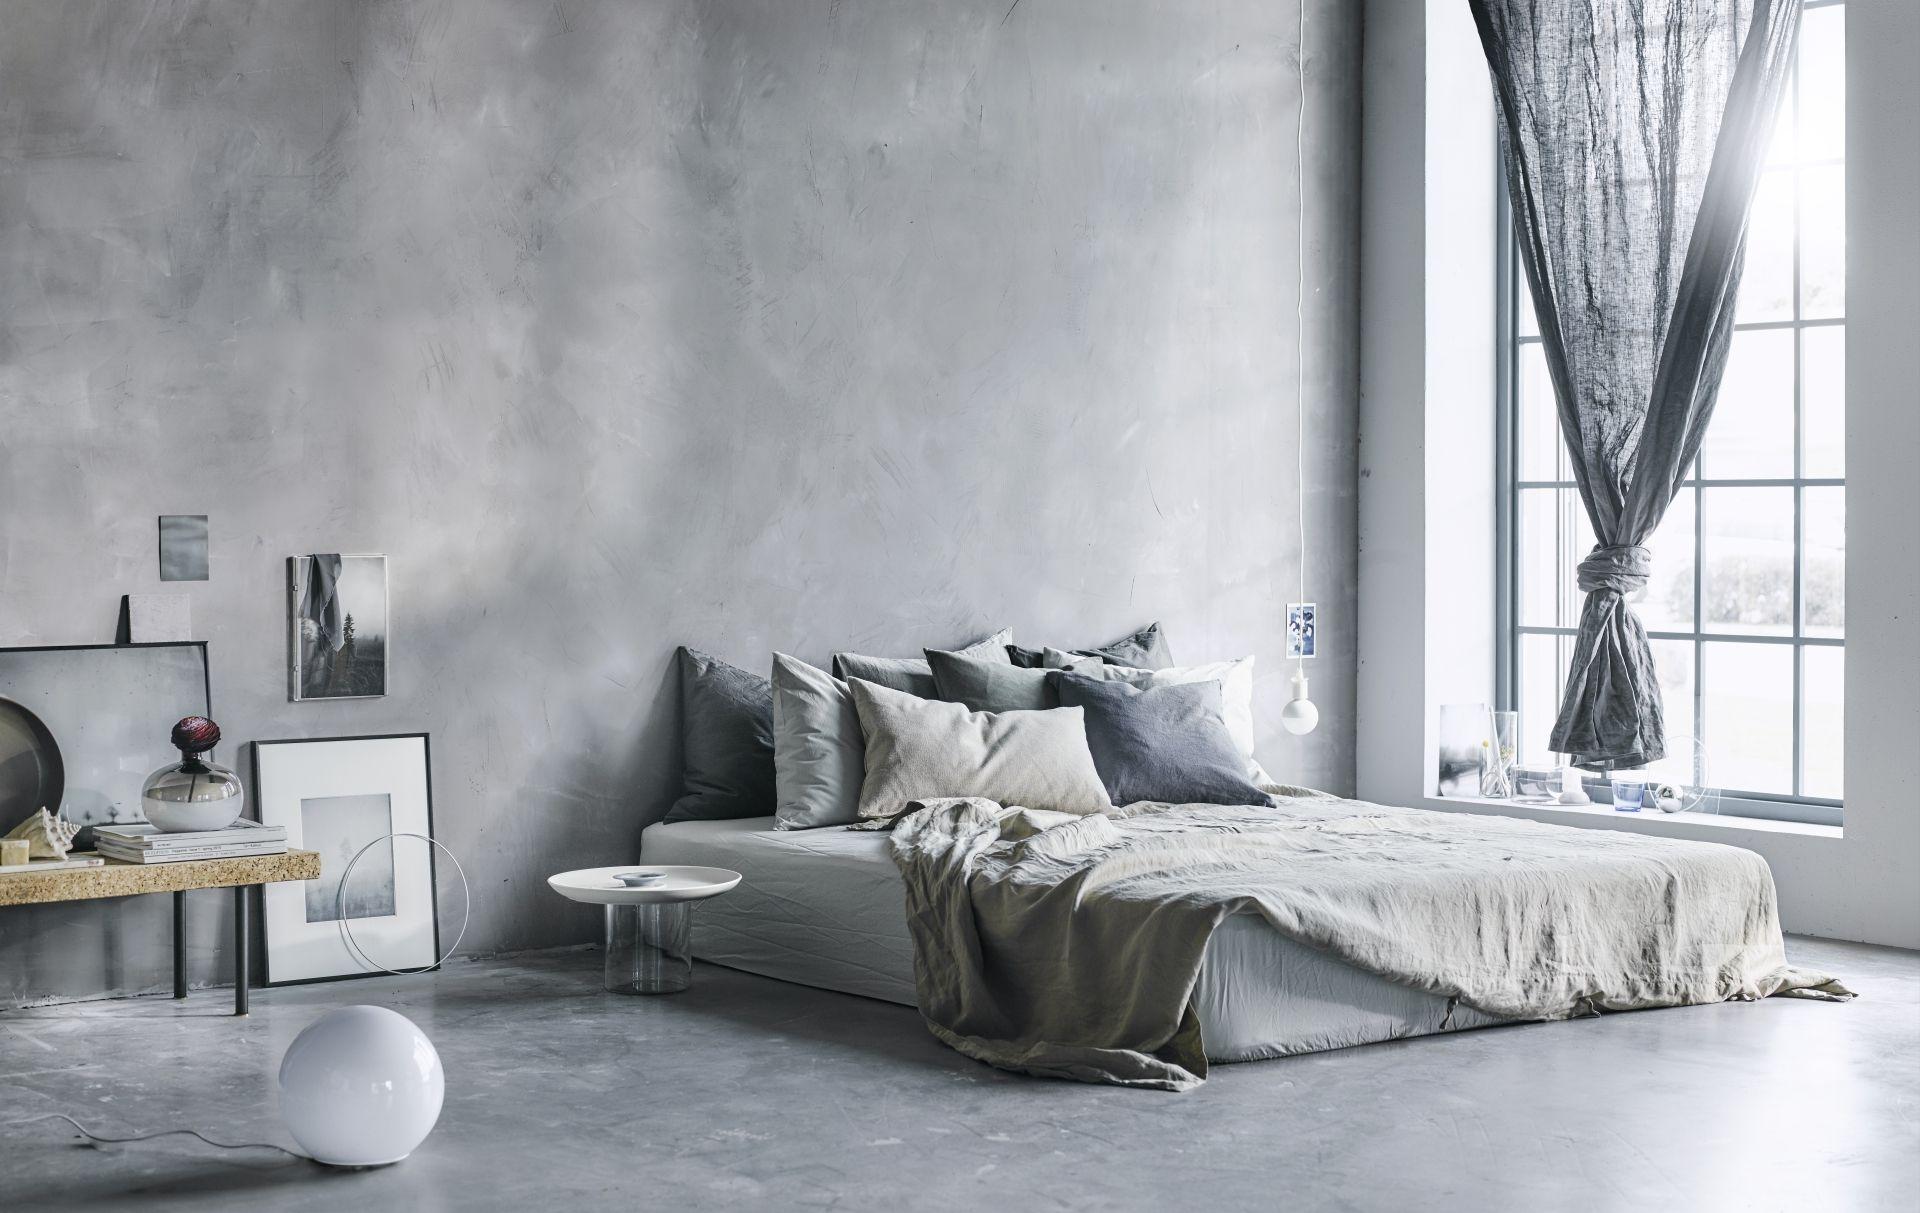 Aina gordijnen paar donkergrijs bedroom inspiration